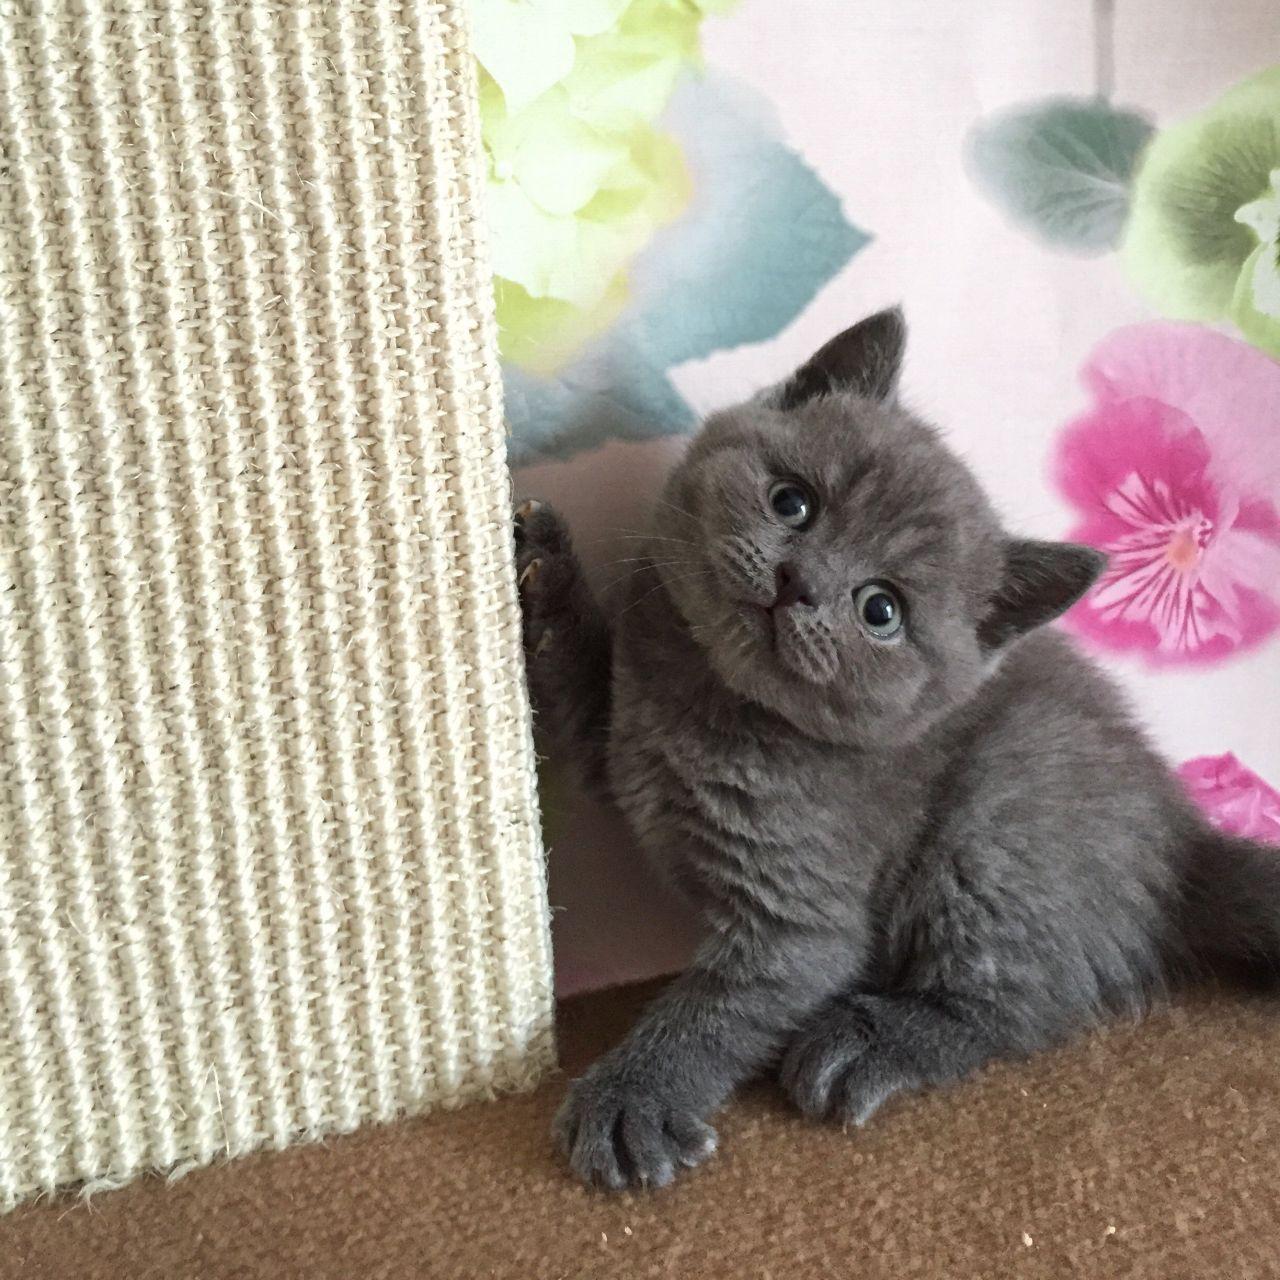 Where to adopt british shorthair kittens